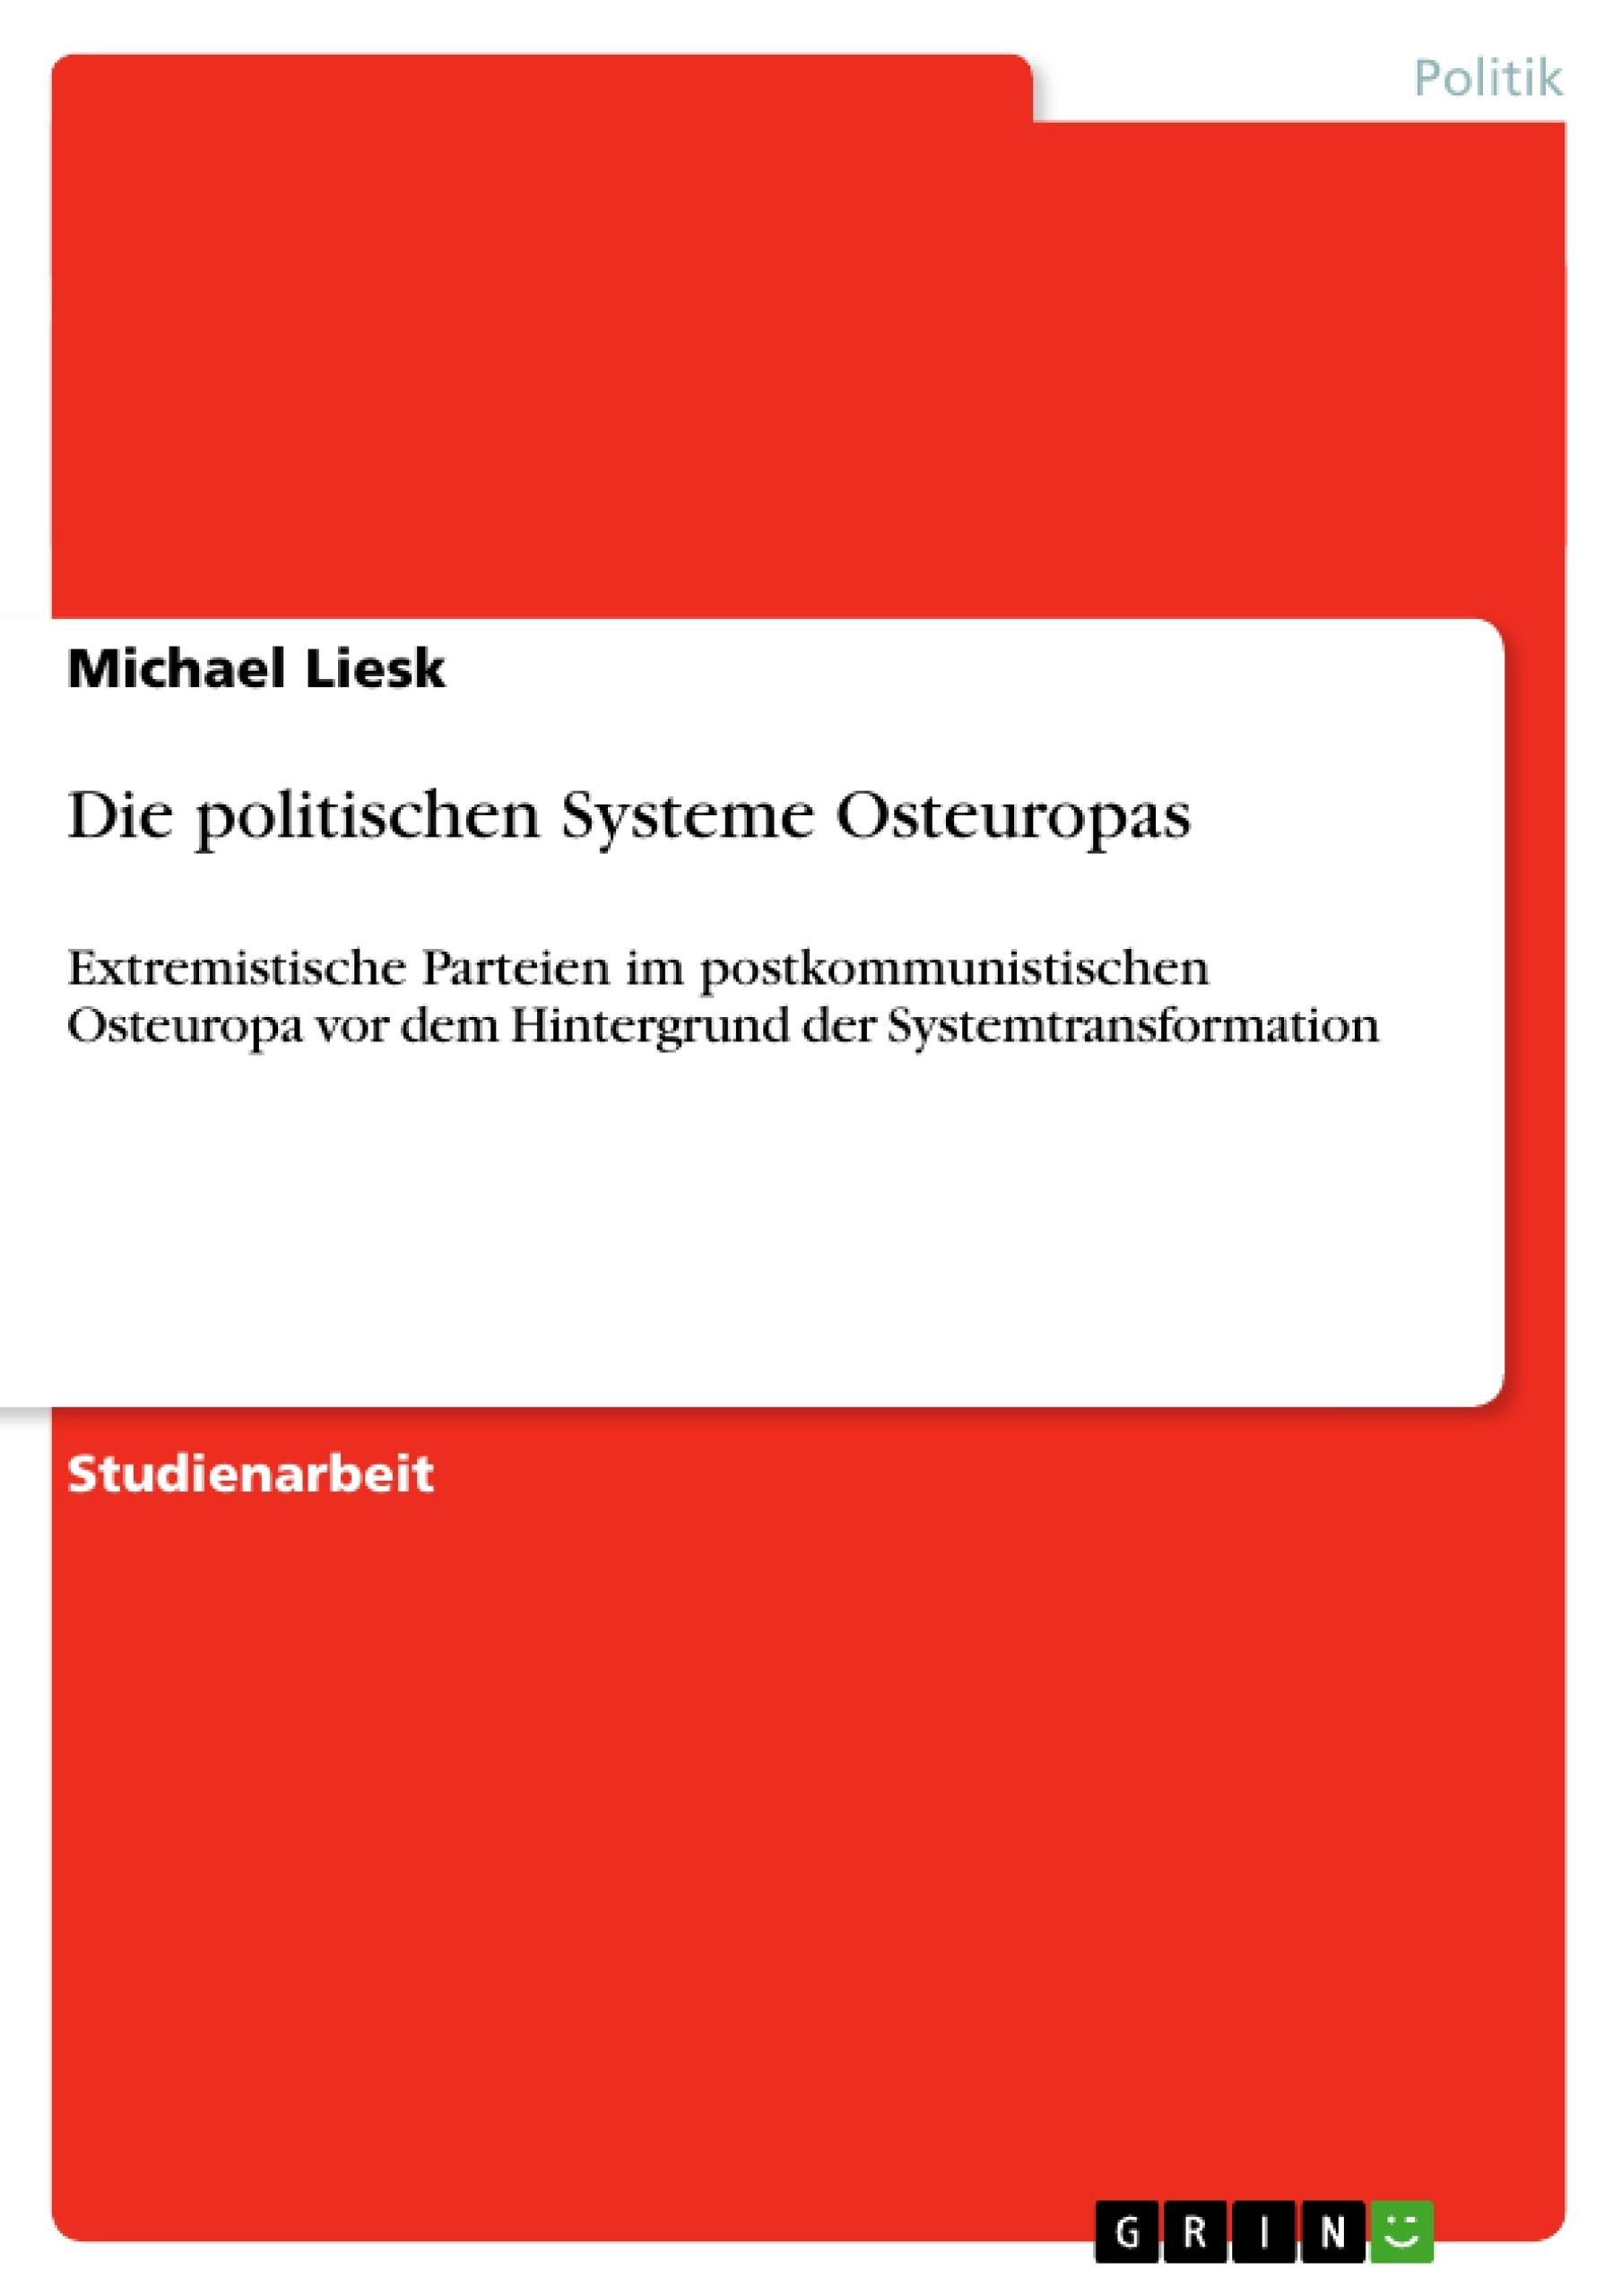 Titel: Die politischen Systeme Osteuropas